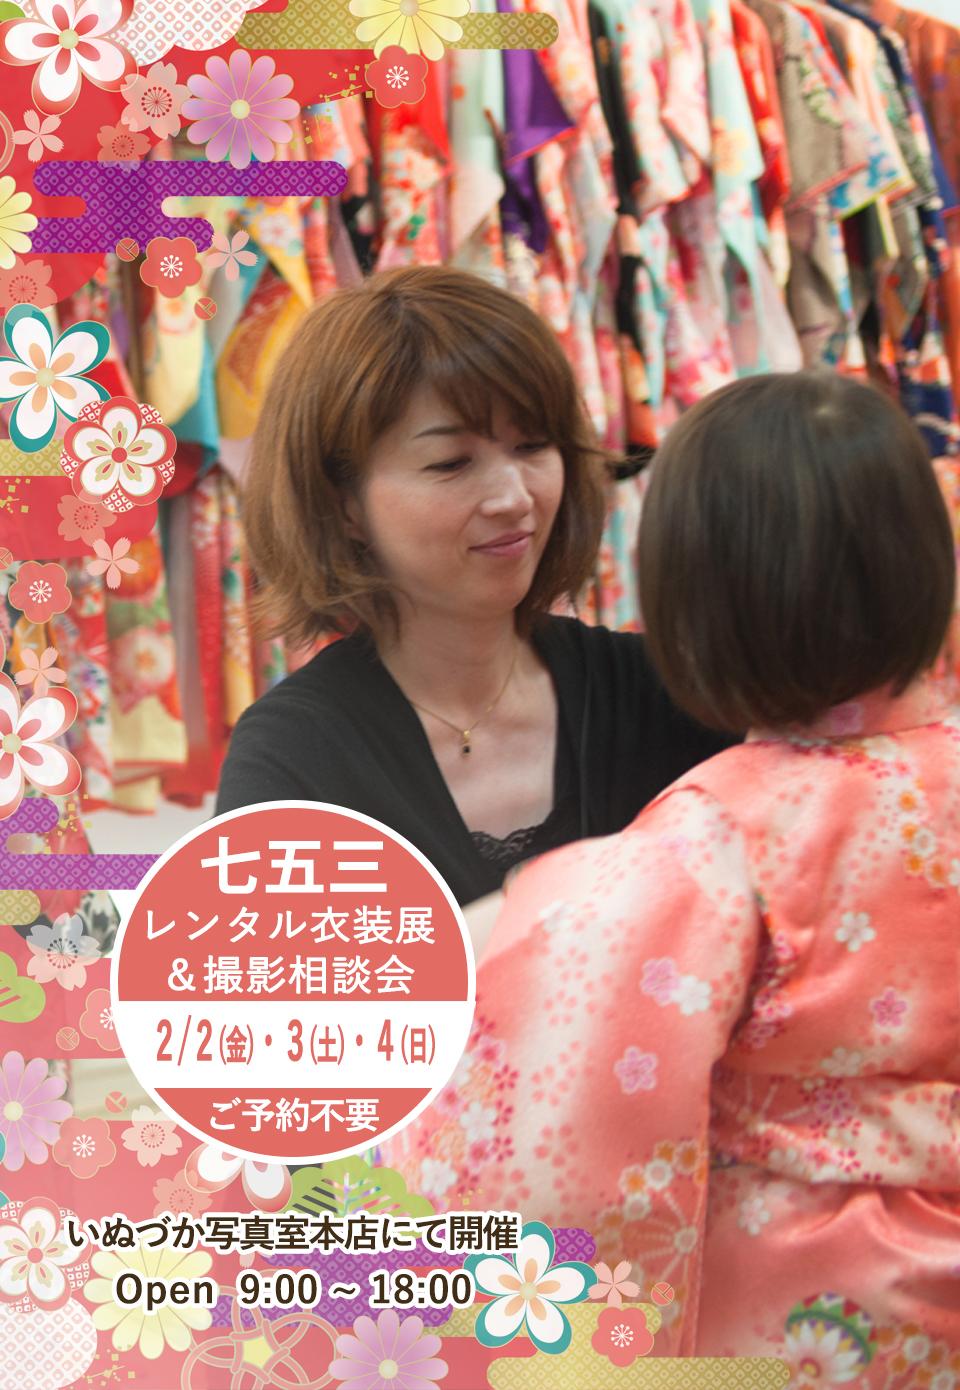 七五三レンタル衣装展&撮影相談会